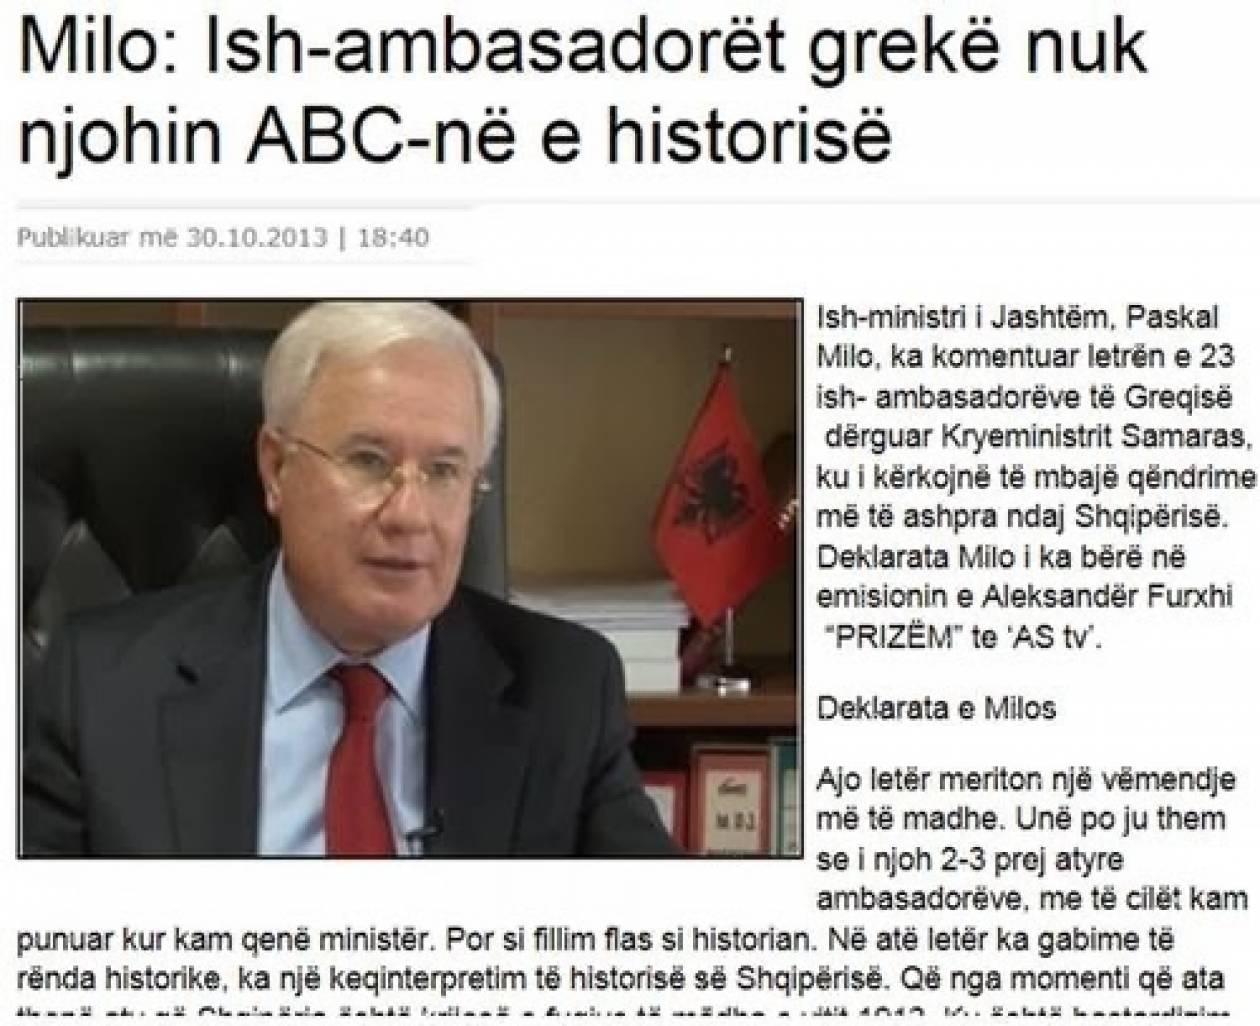 Πρώην ΥΠΕΞ Αλβανίας για την επιστολή των 23 Ελλήνων διπλωματών